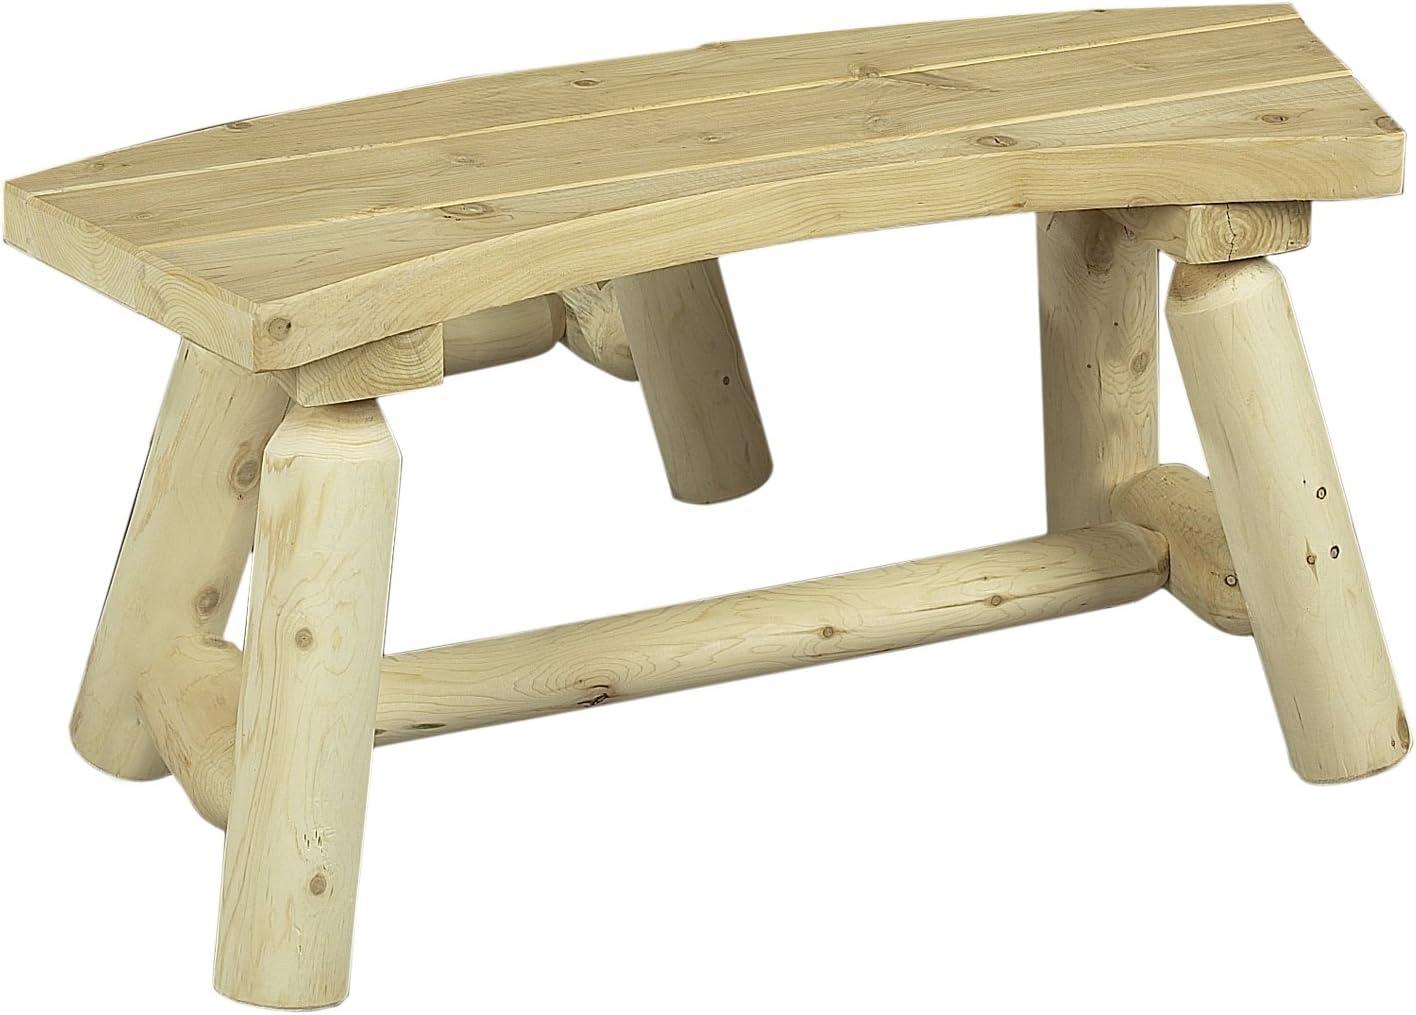 Cedarlooks 030020 Log Round Bench